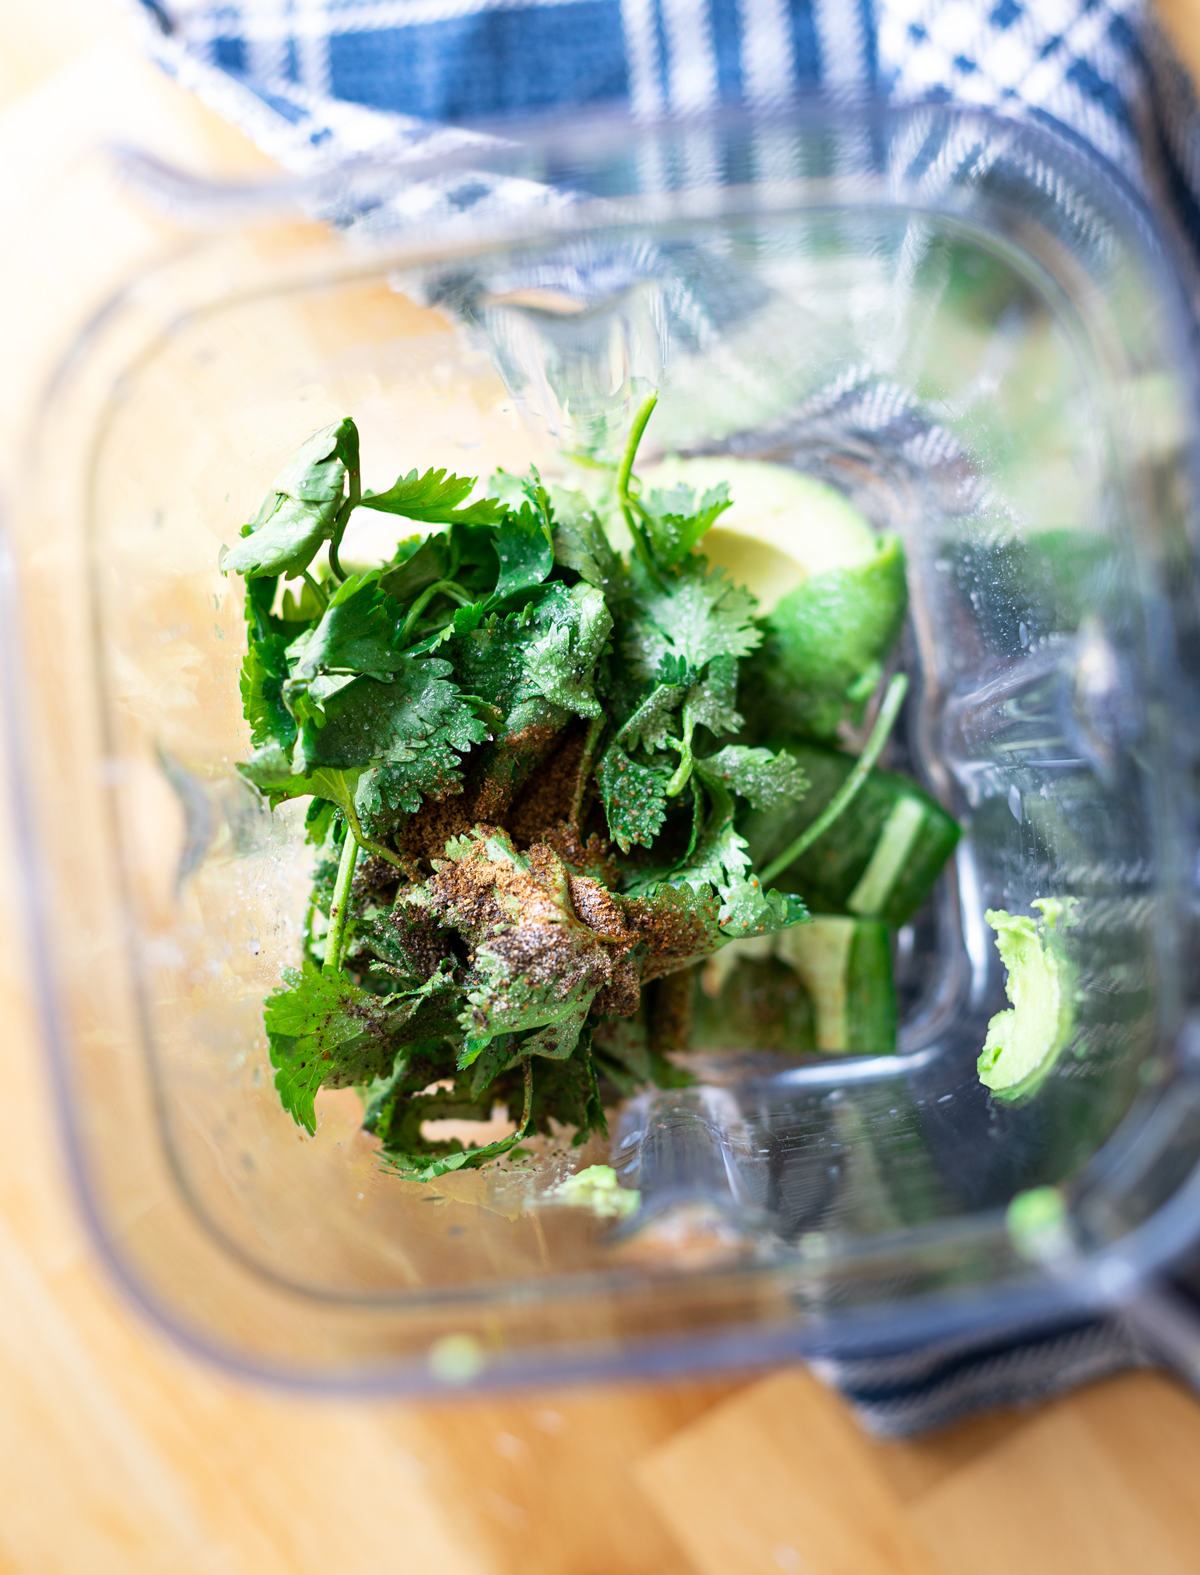 food processor with cilantro, avocado, and seasonings.